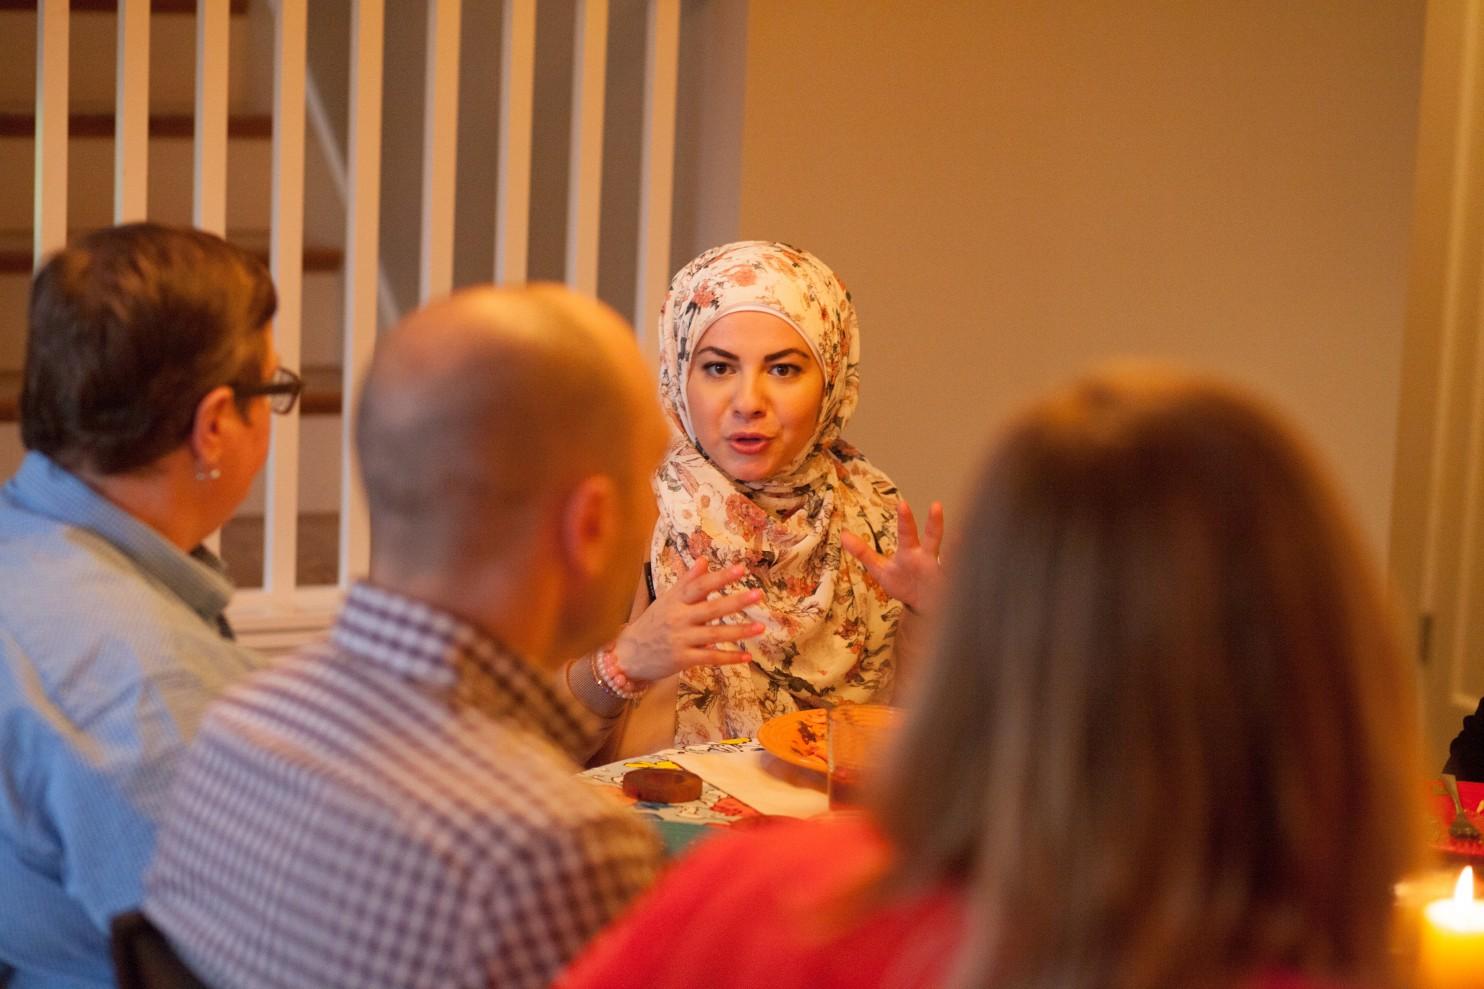 Amanda Saab se reúne con desconocidos para que le pregunten sobre el islamismo.(Meryl Schenker para The Washington Post)